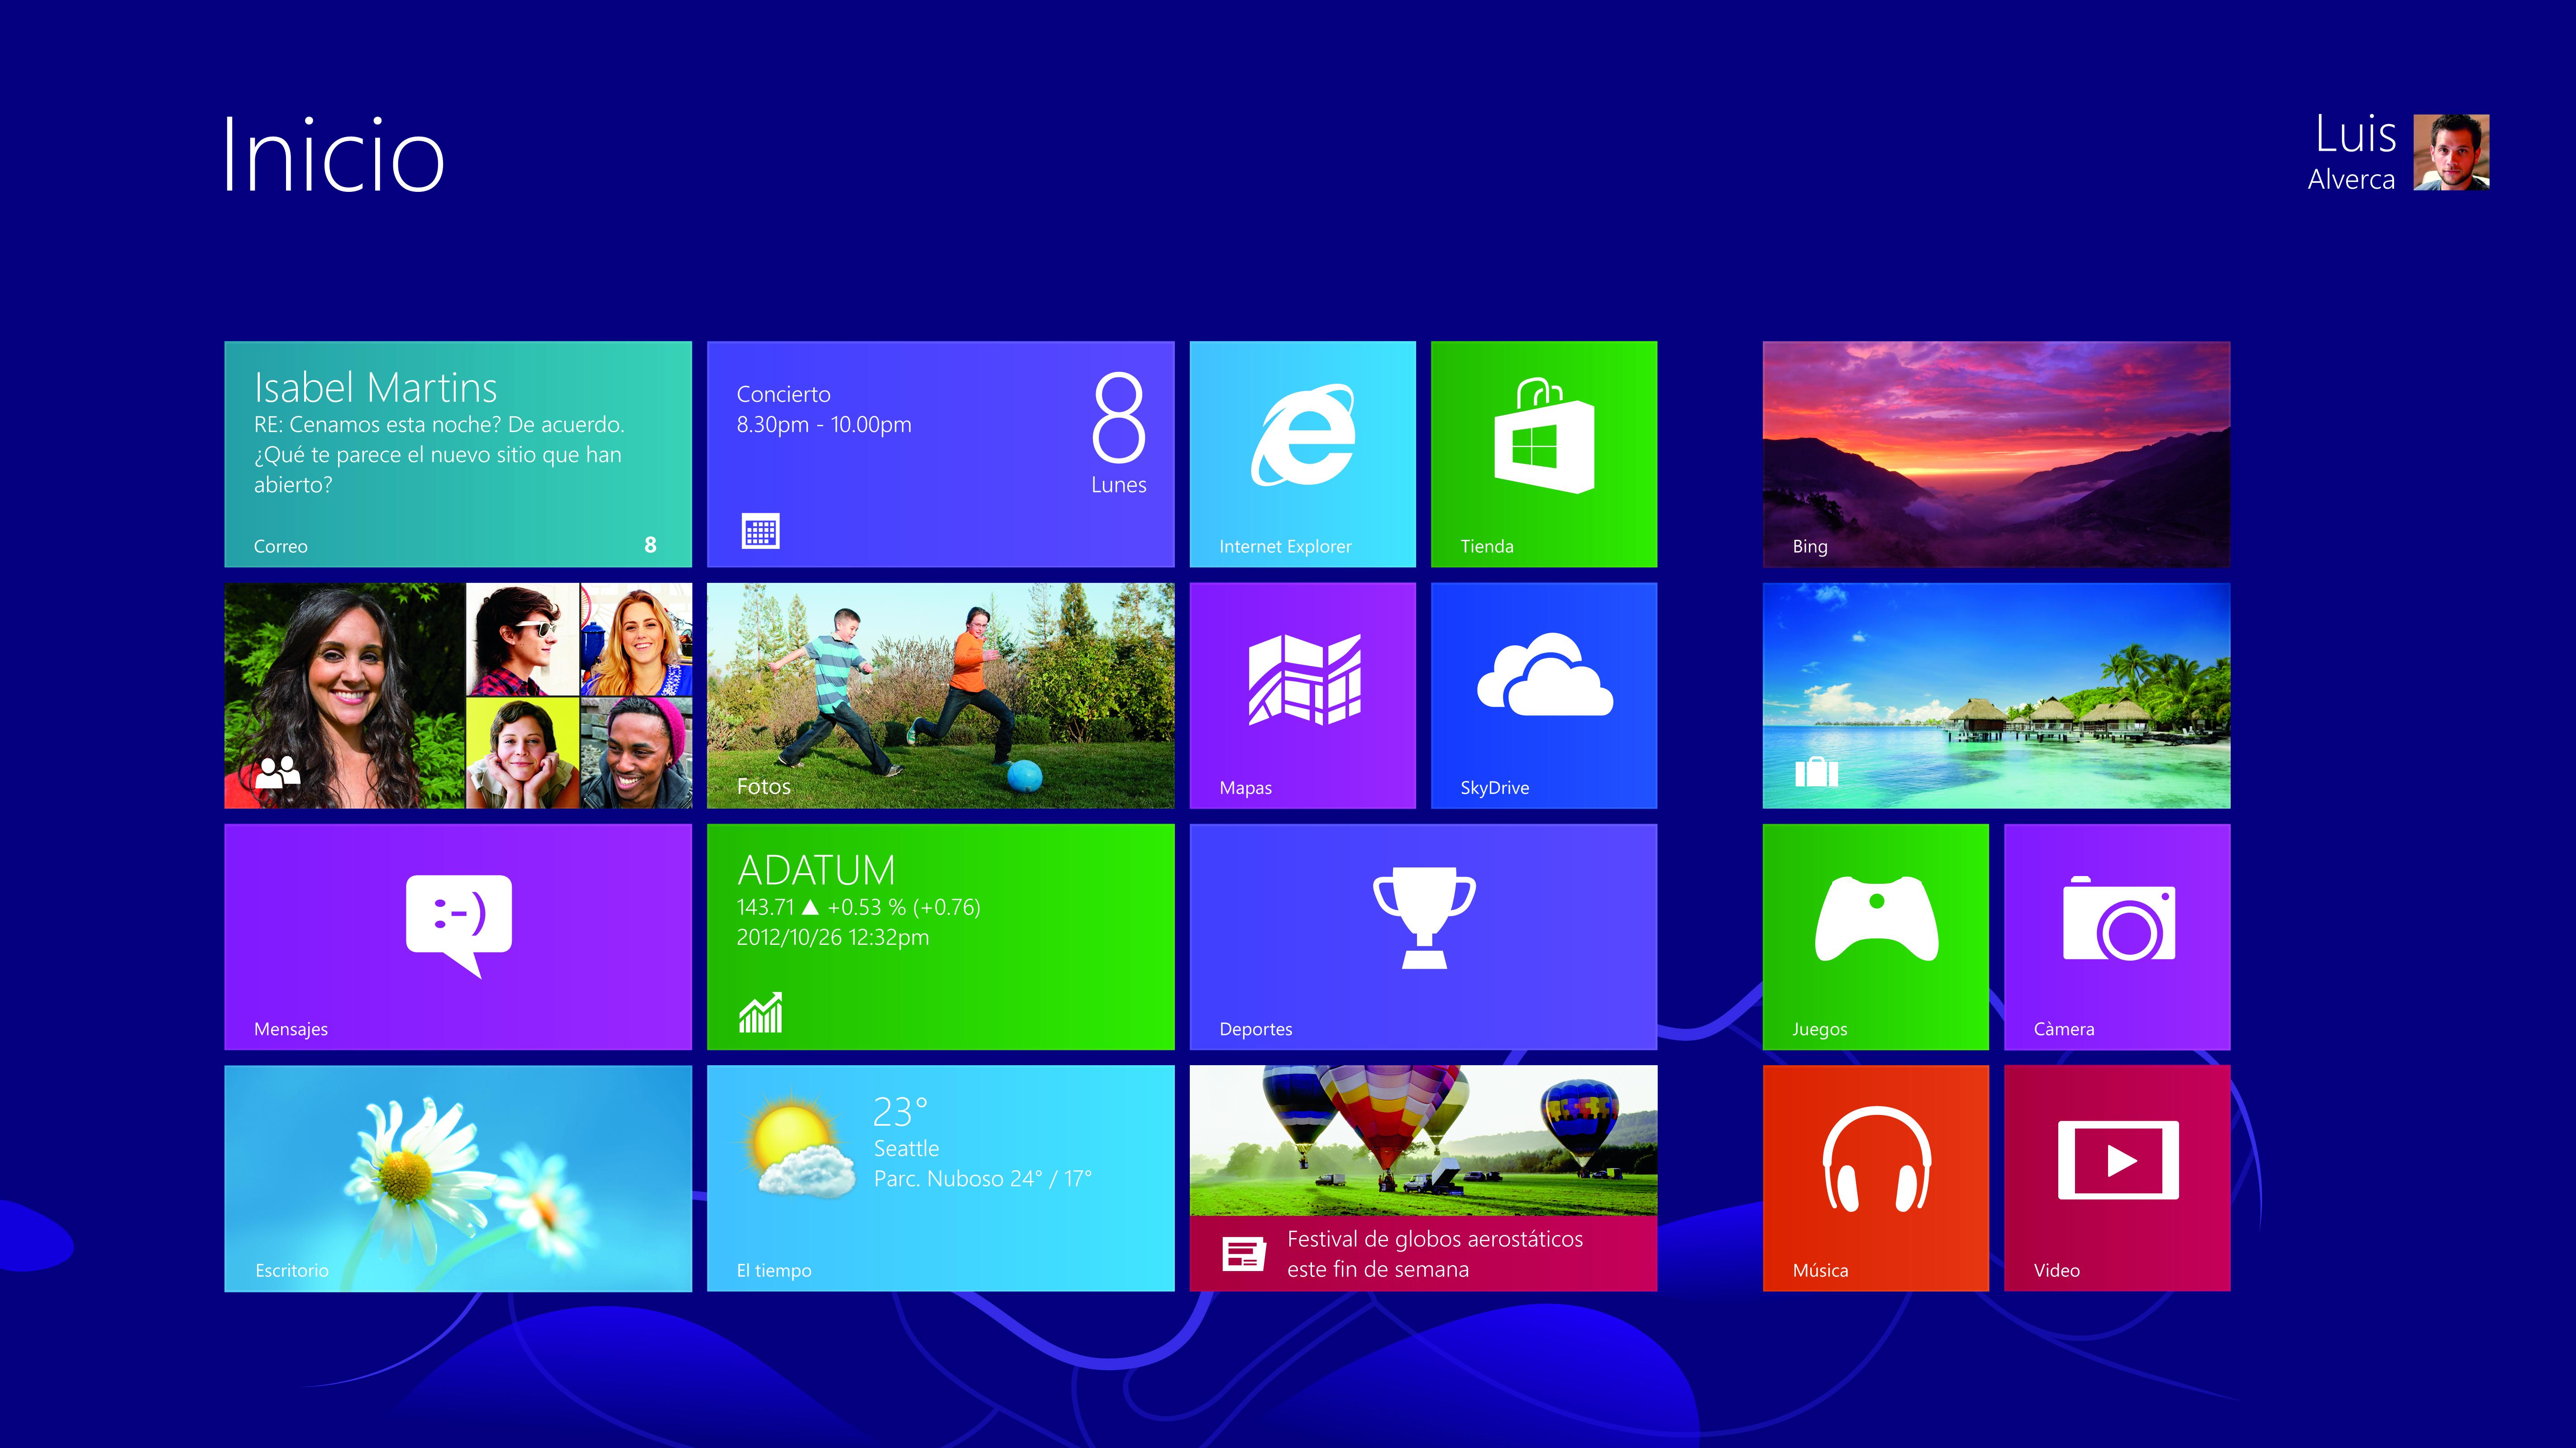 Cambios en la interfaz de windows 8